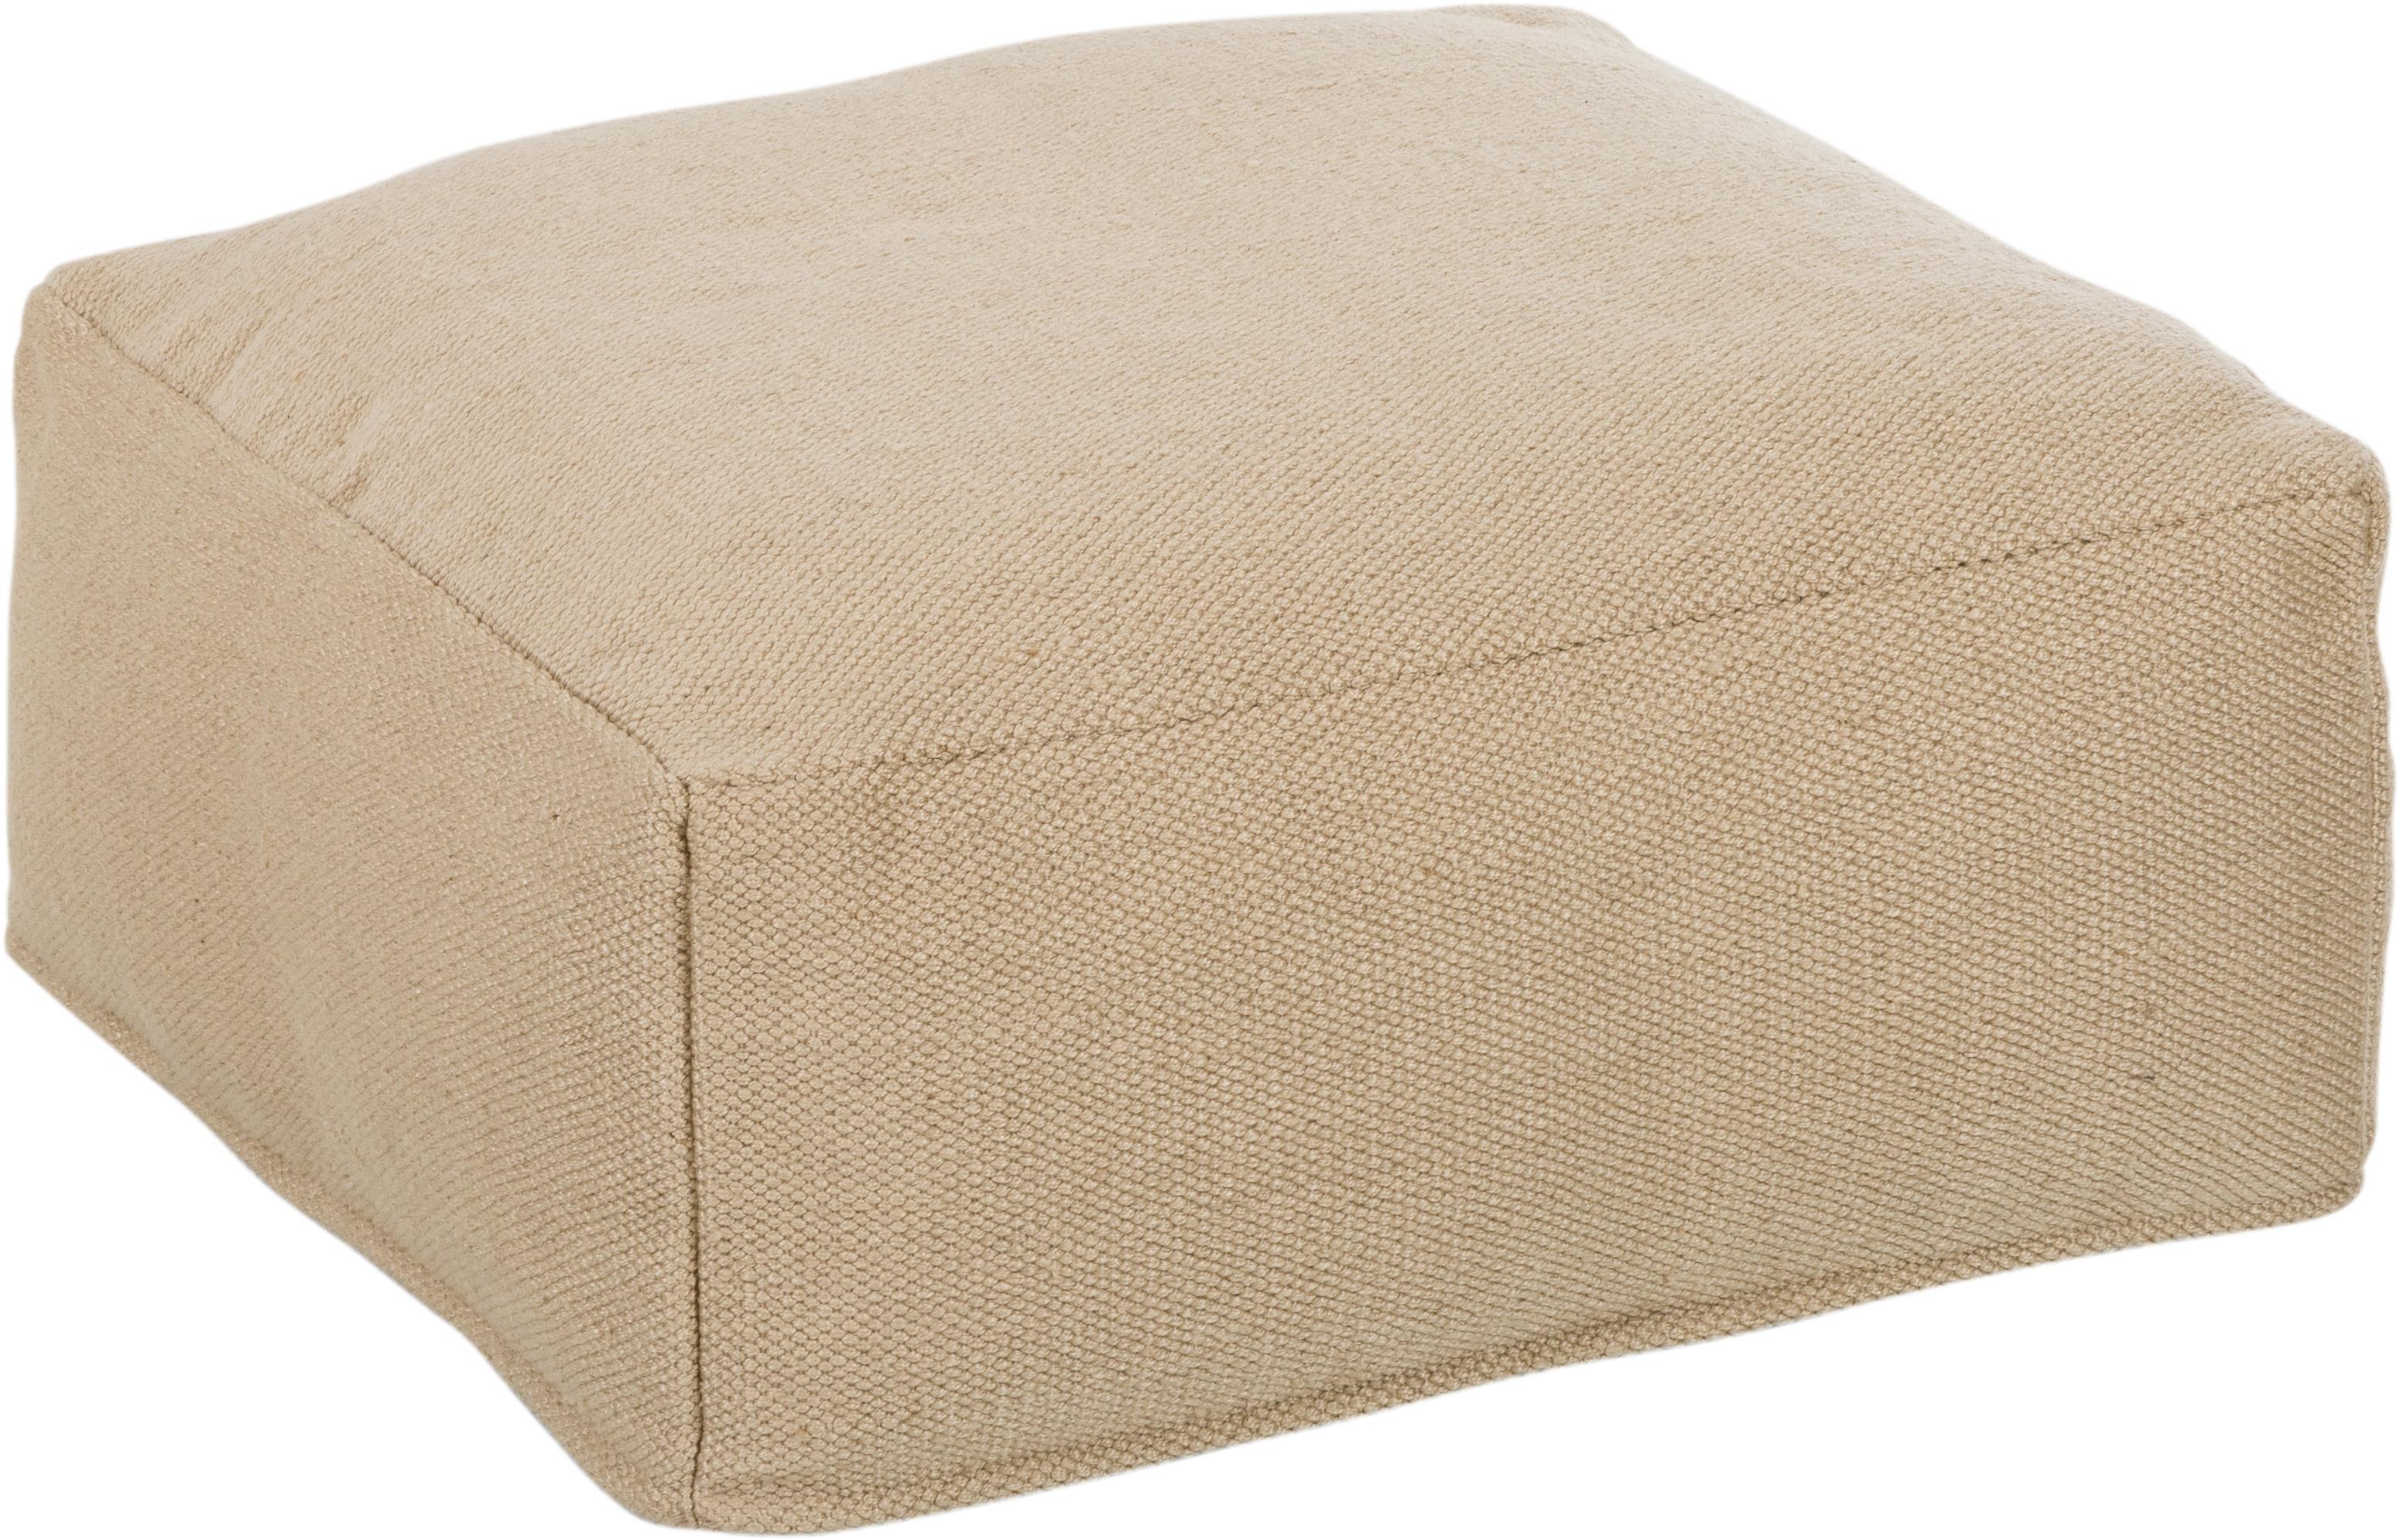 Cojín de suelo para interior/exterior Khela, Funda: poliéster reciclado, Interior: poliéster, Beige, An 60 x Al 25 cm